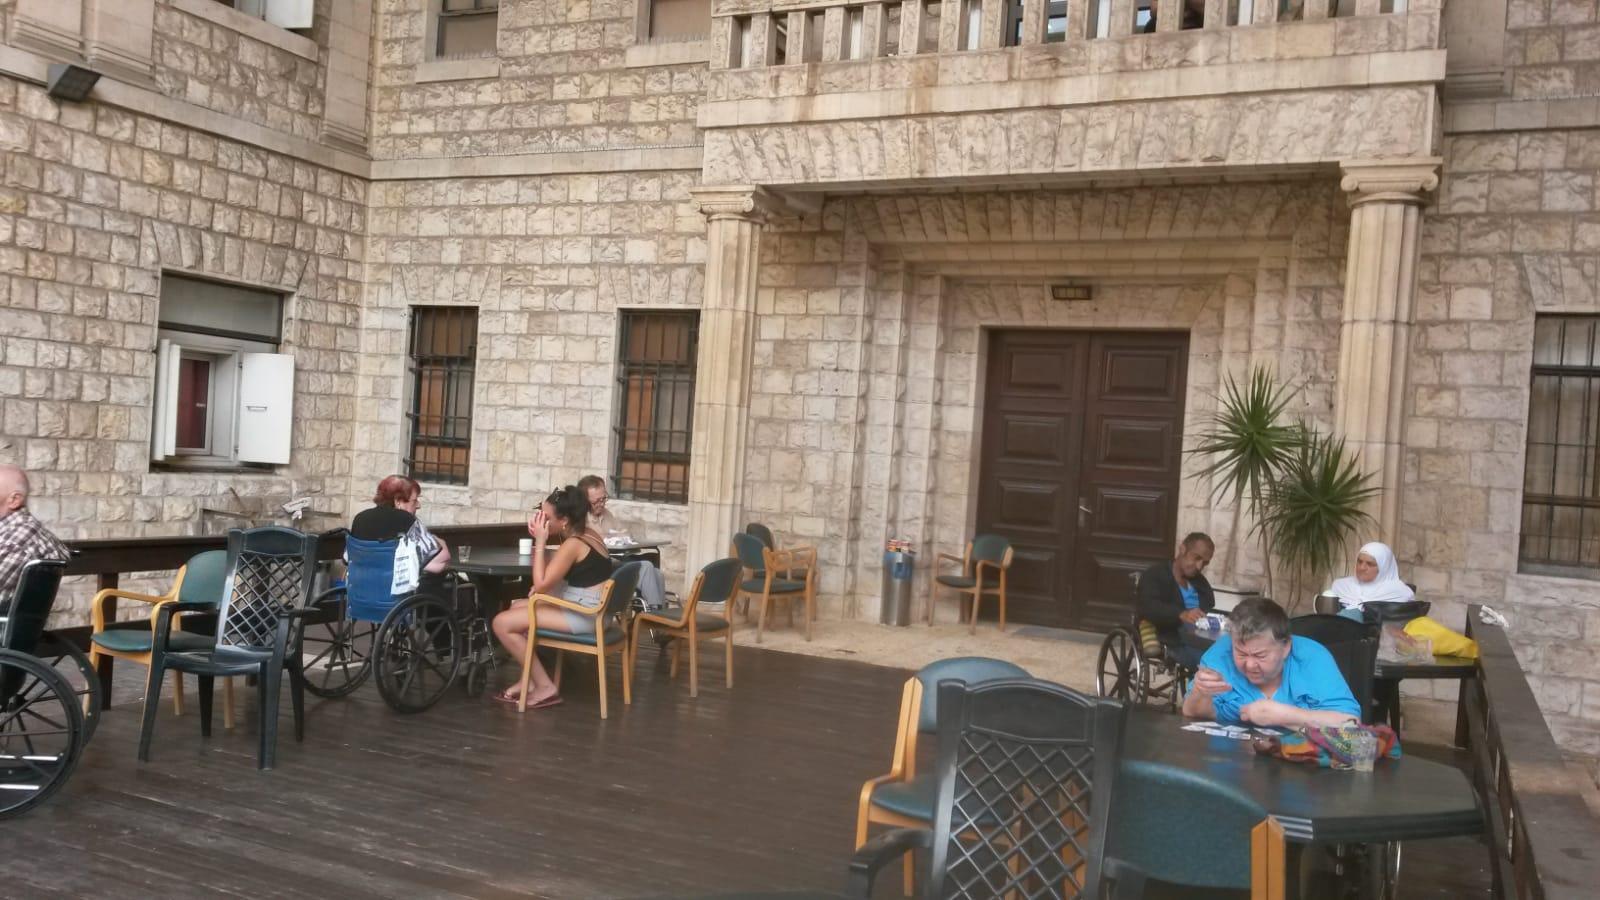 נוף הגפן חיפה תמונה מחיי יום יום